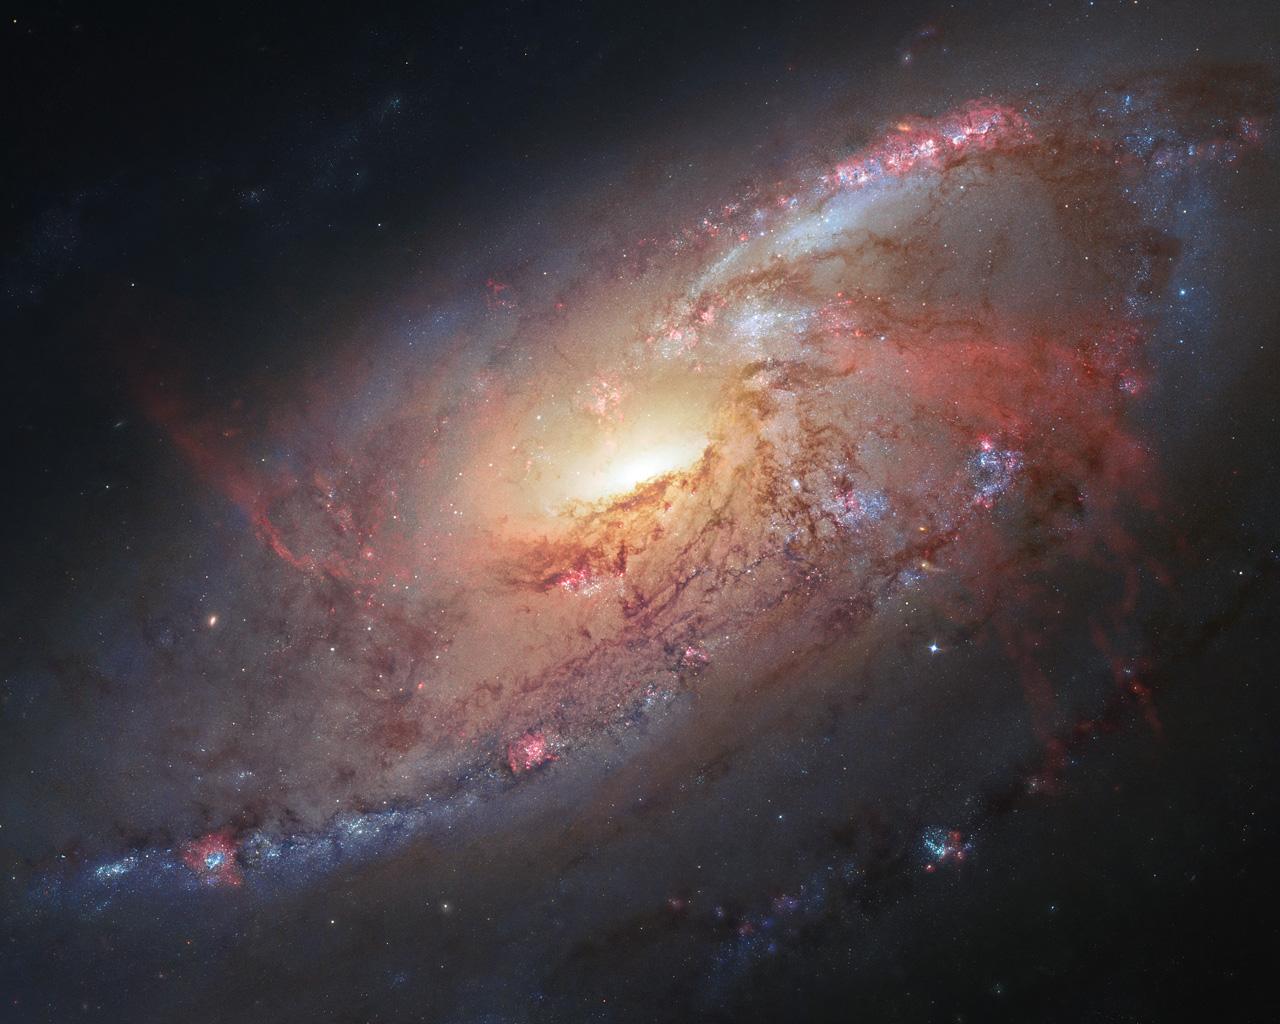 Ещё одна красивая галактика, объект M106. Она находится от нас относительно недалеко — примерно в 20 световых годах. Что интересно, изображение было создано астрономом-любителем на основании полученных им данных (и данных от телескопа «Хаббл», конечно же)